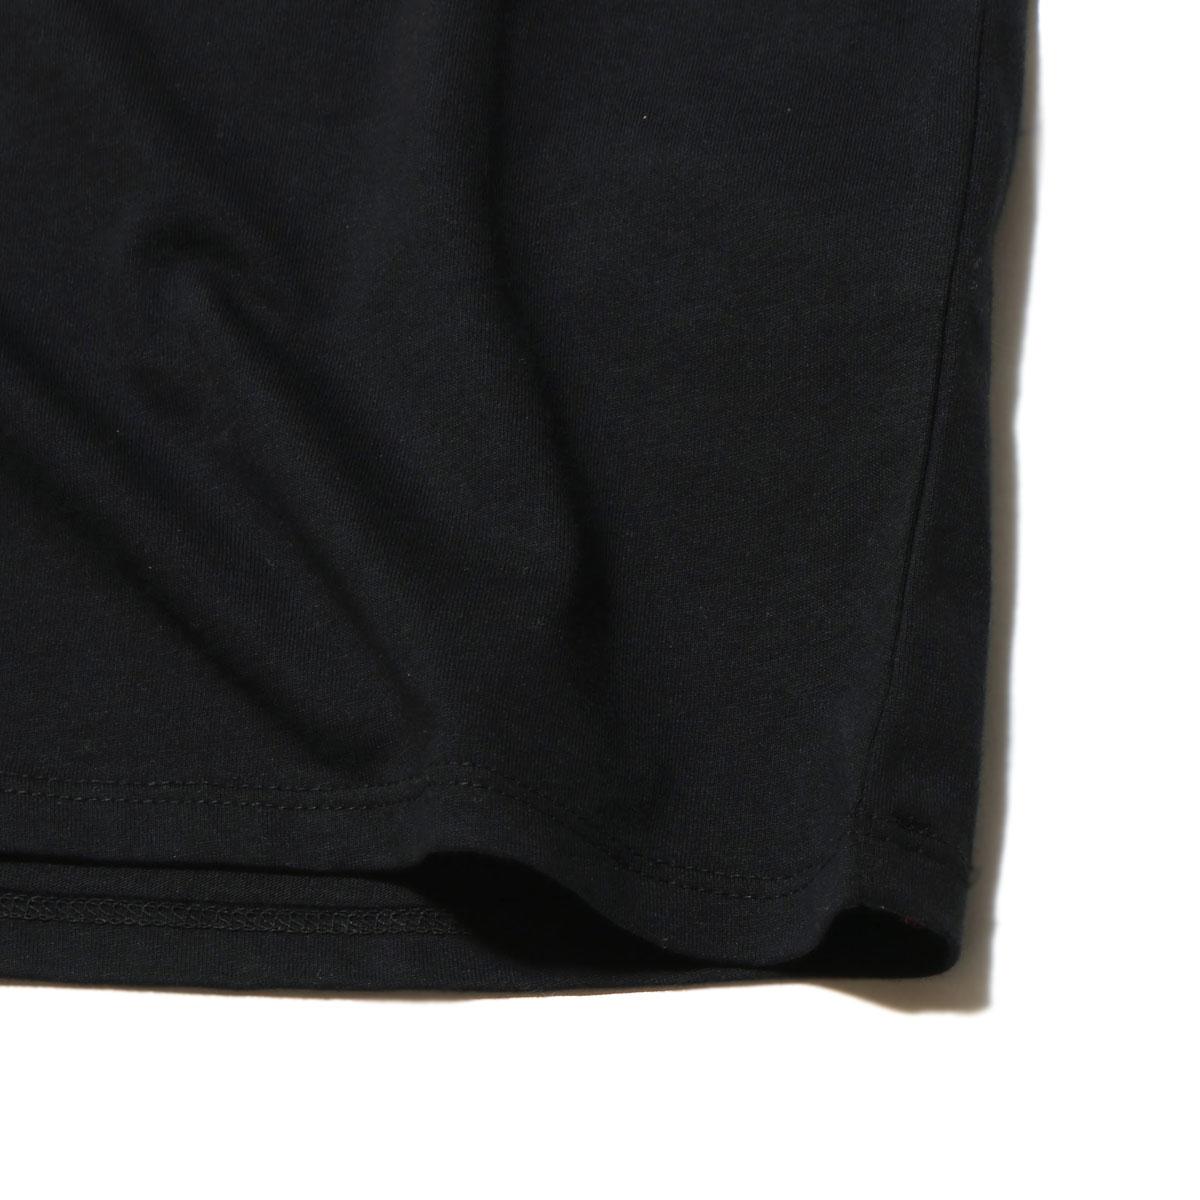 NIKE TOKYO SWOOSH PRINT TEE (ナイキトウキョウスウッシュプリント T-shirt) (BLACK) 17SU-I